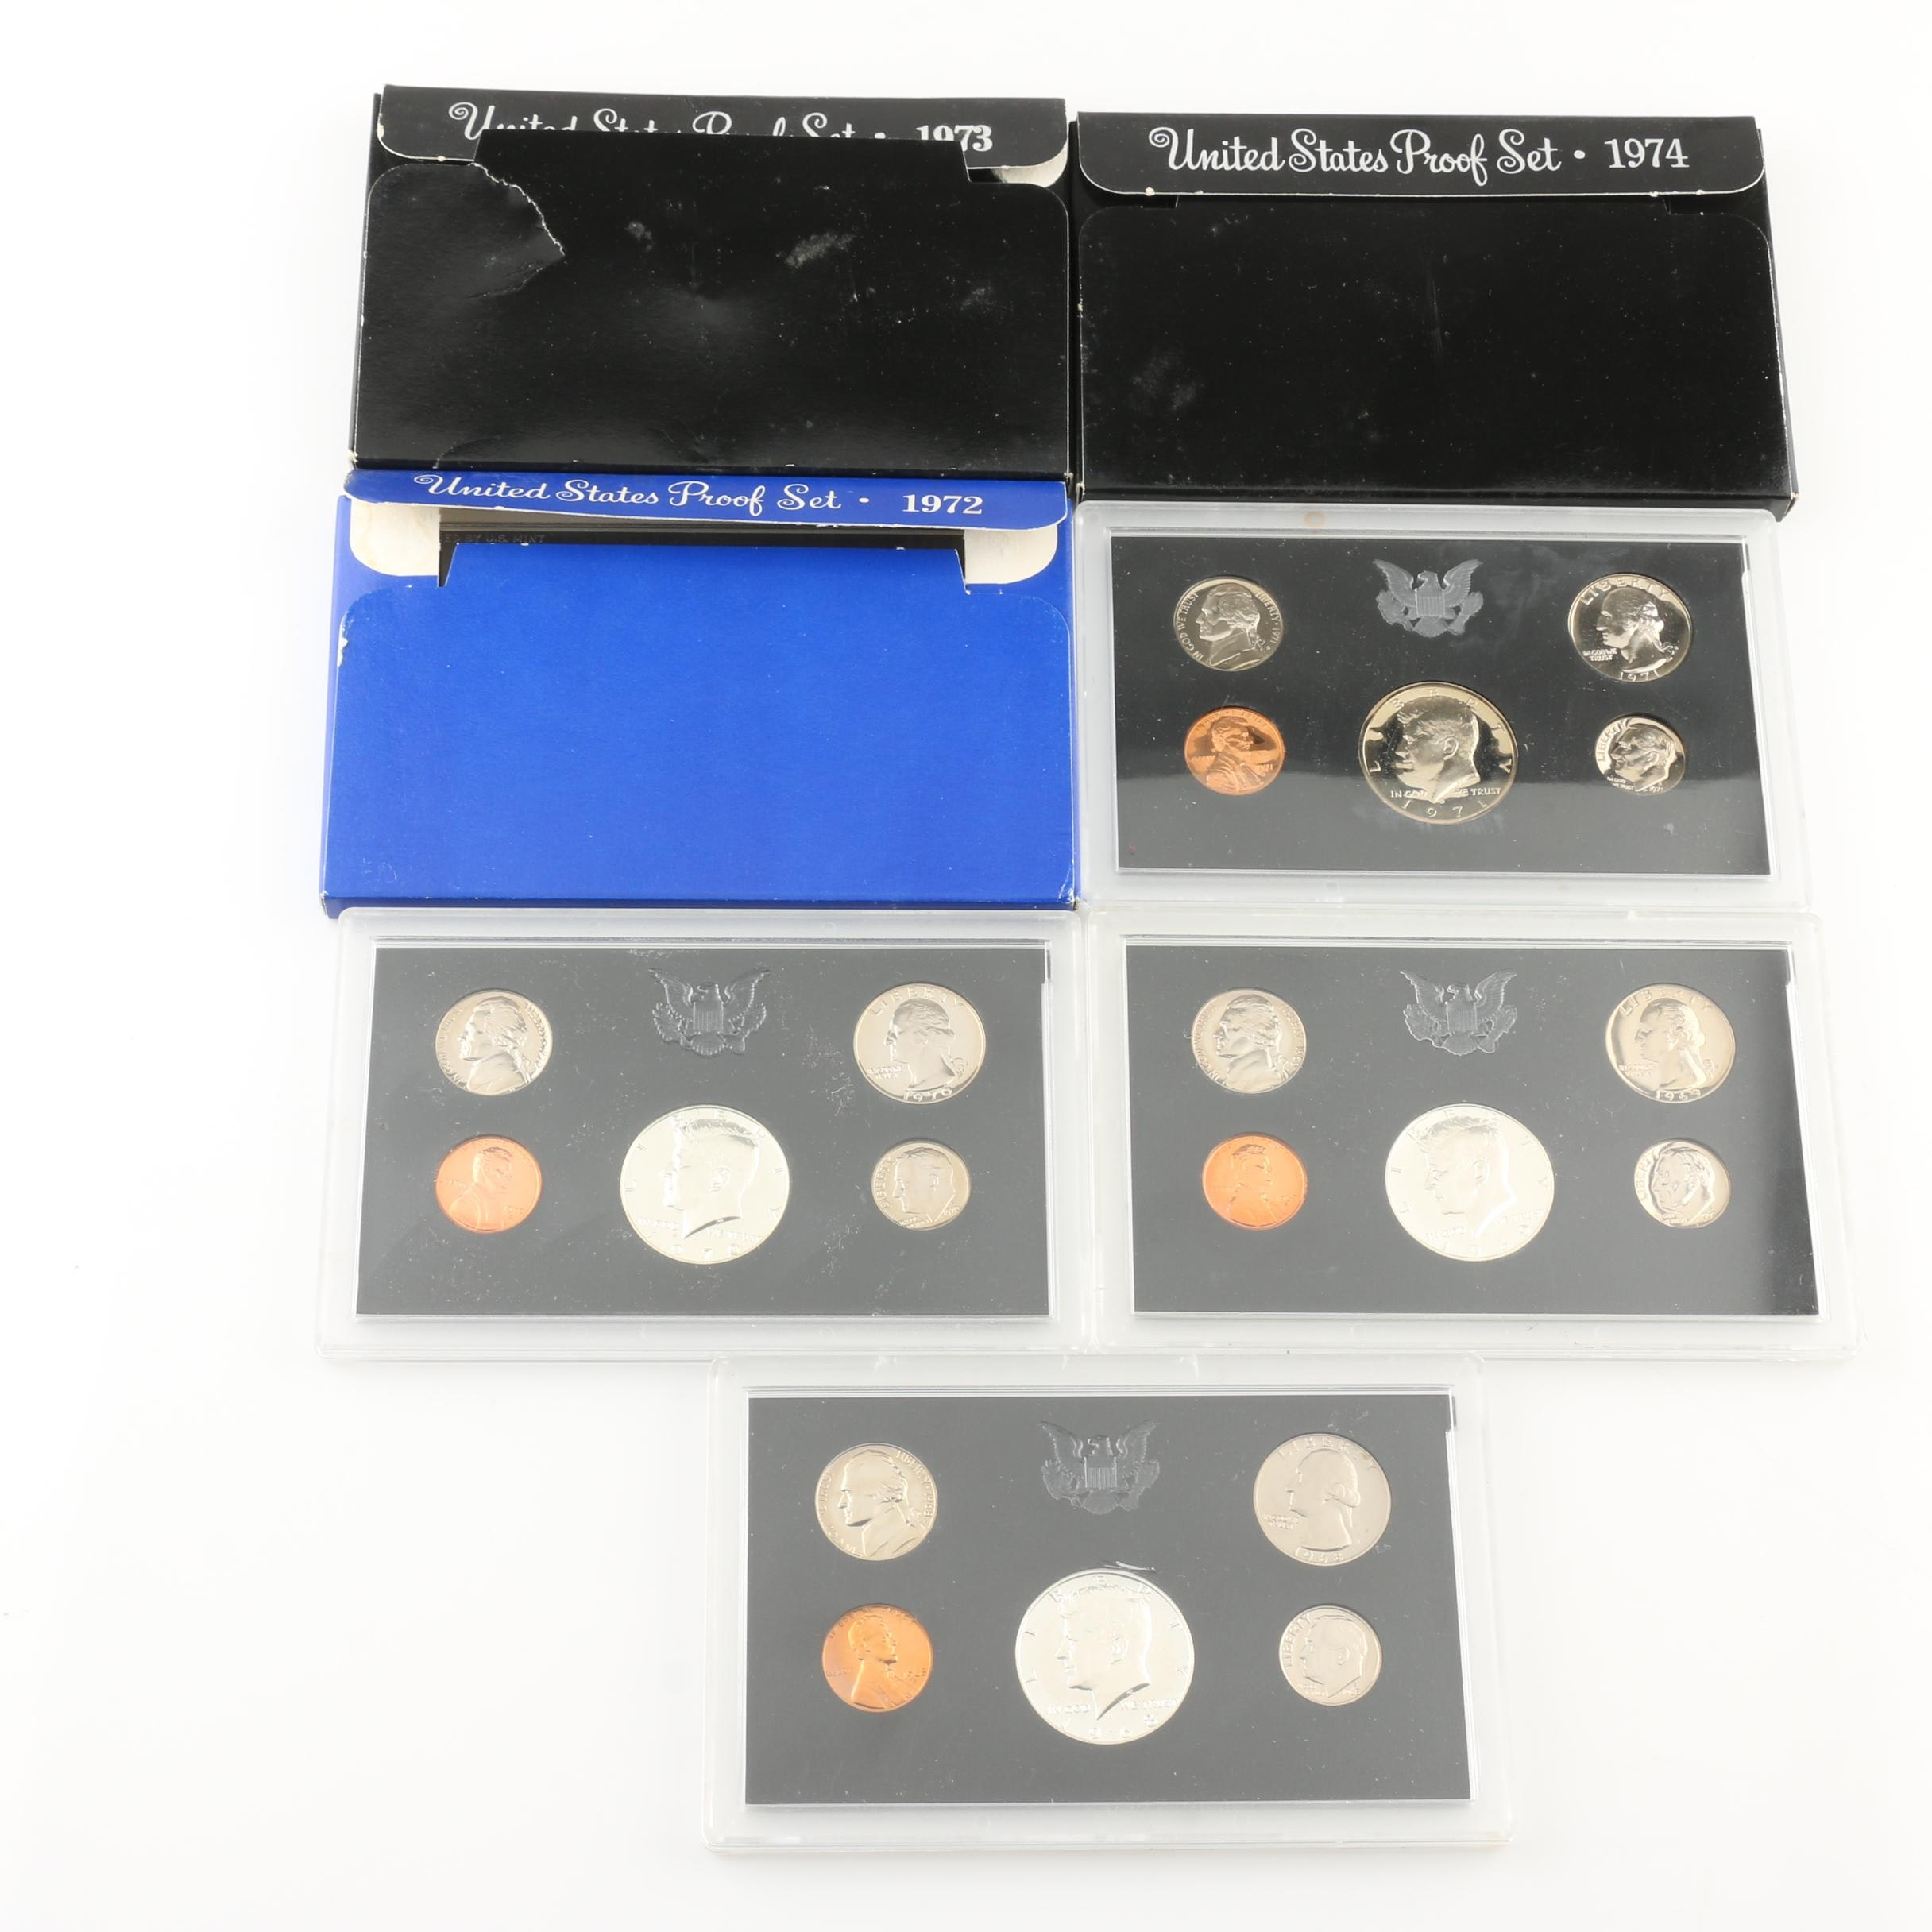 Seven U.S. Mint Proof Sets